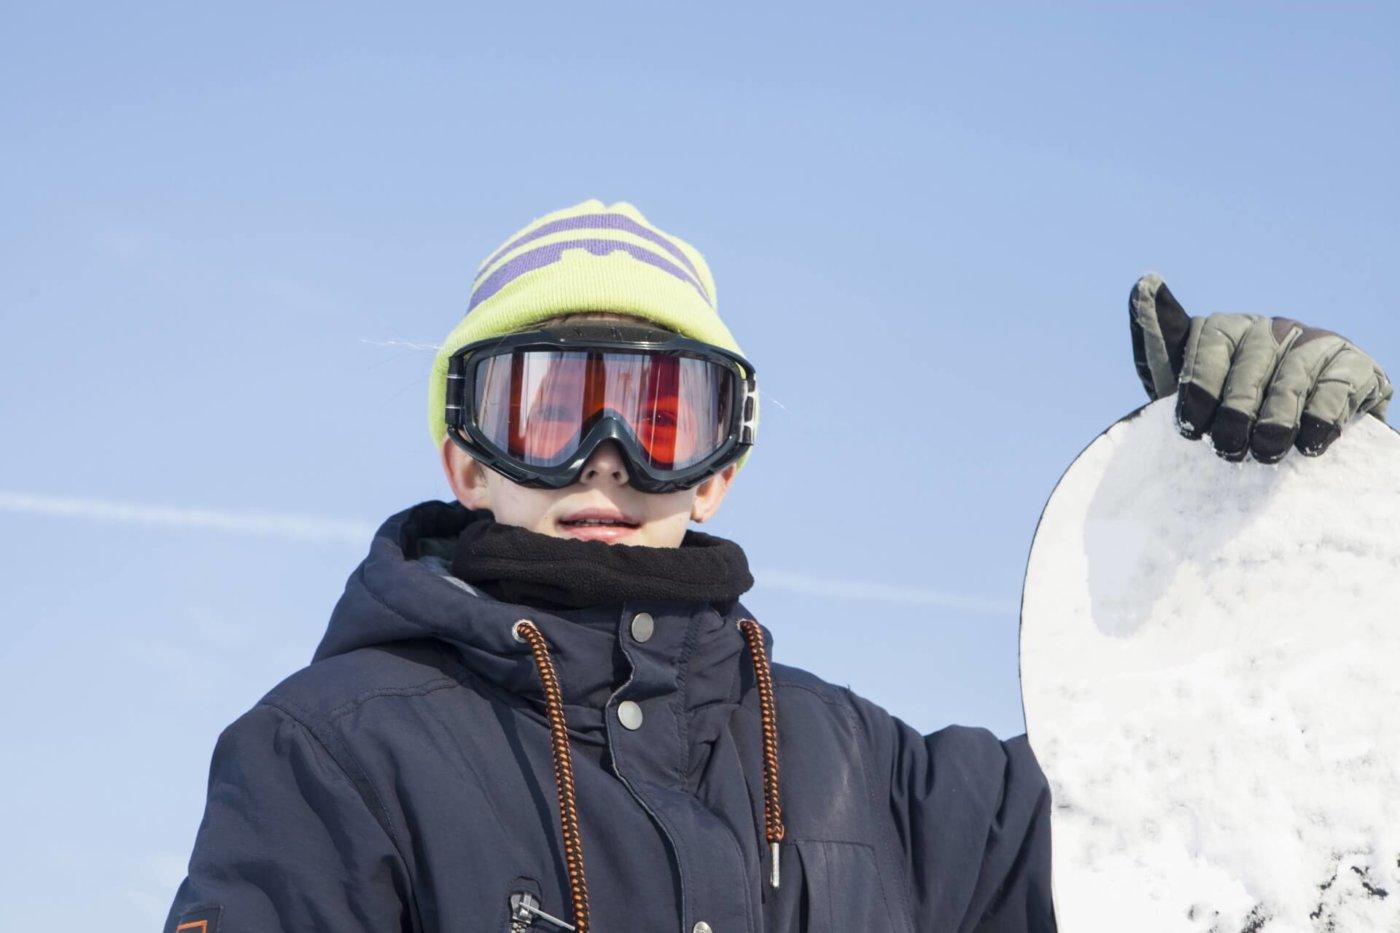 失敗しない!スノーボードの正しい選び方